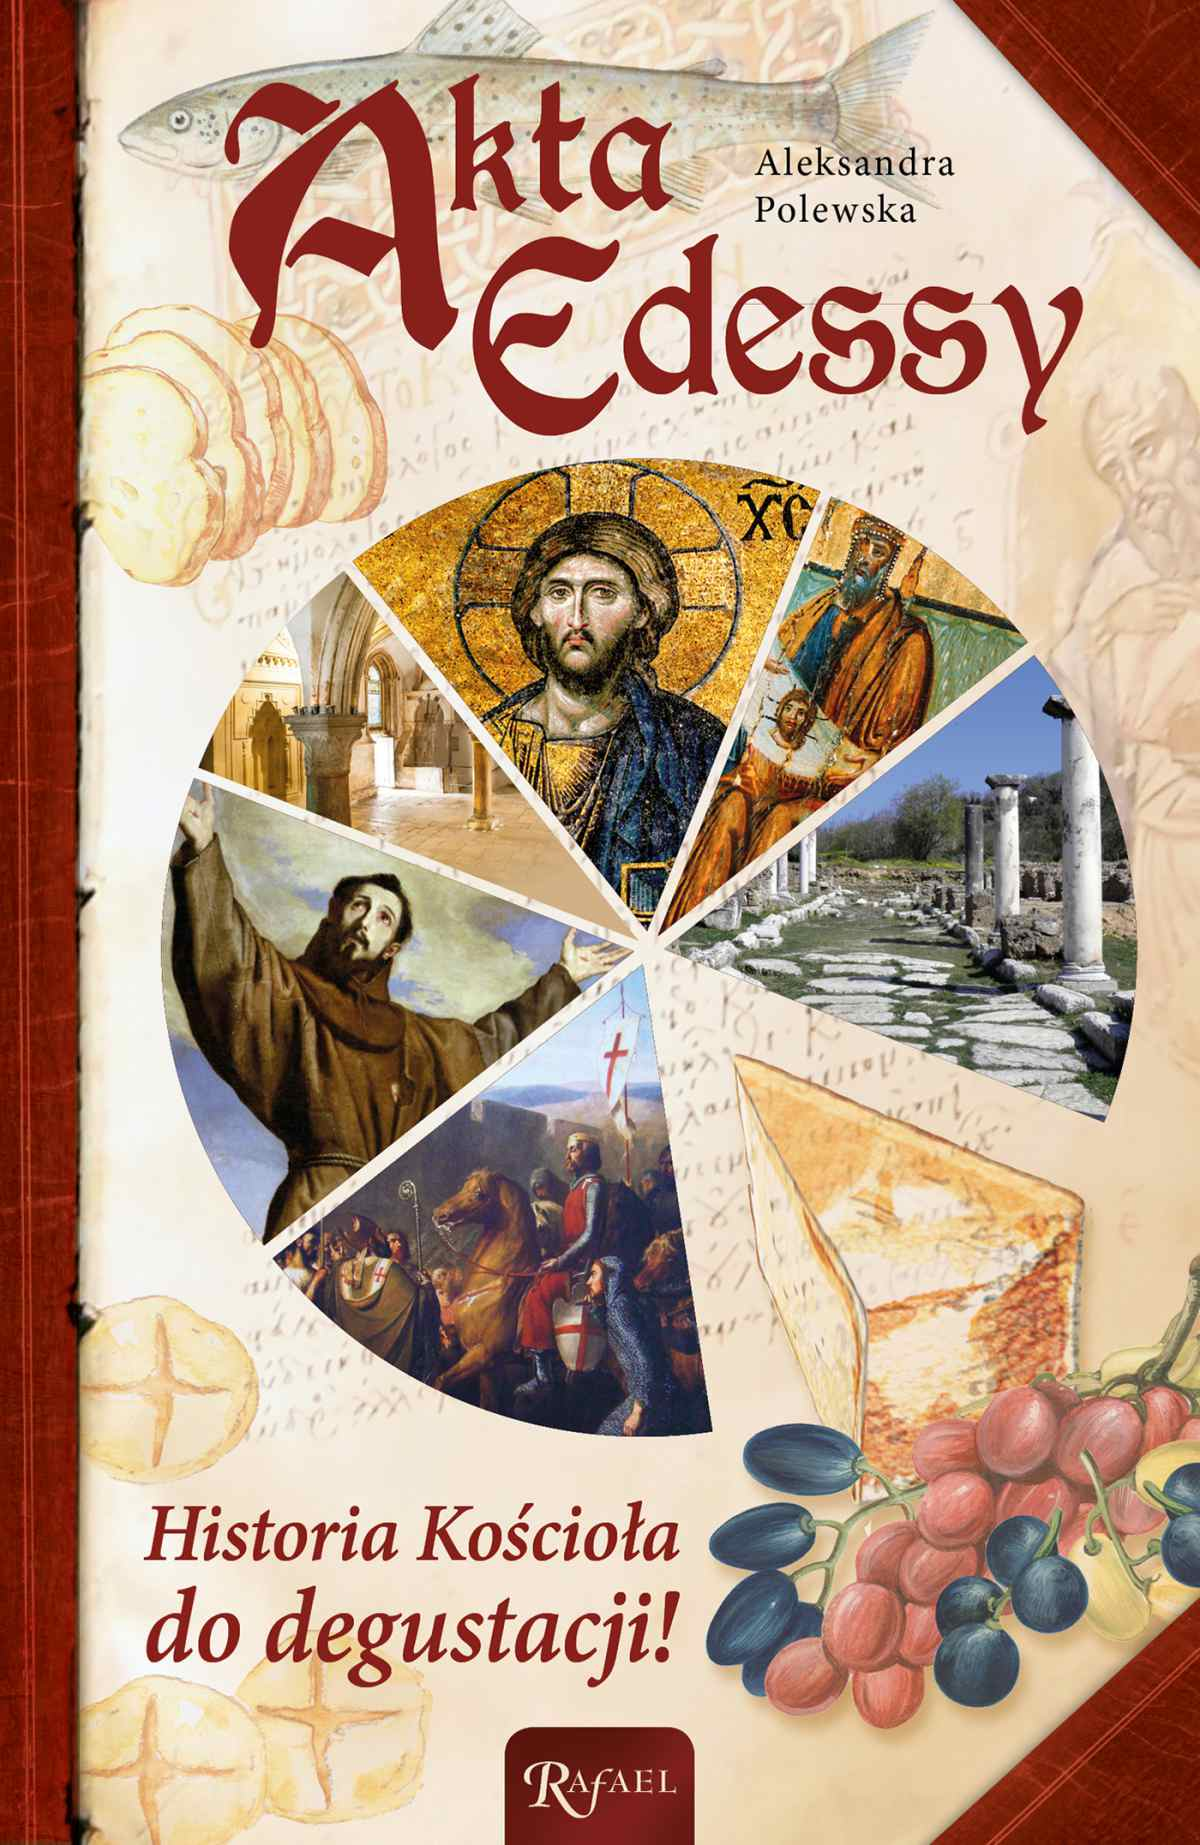 Akta Edessy. Historia Kościoła do degustacji! - Ebook (Książka EPUB) do pobrania w formacie EPUB